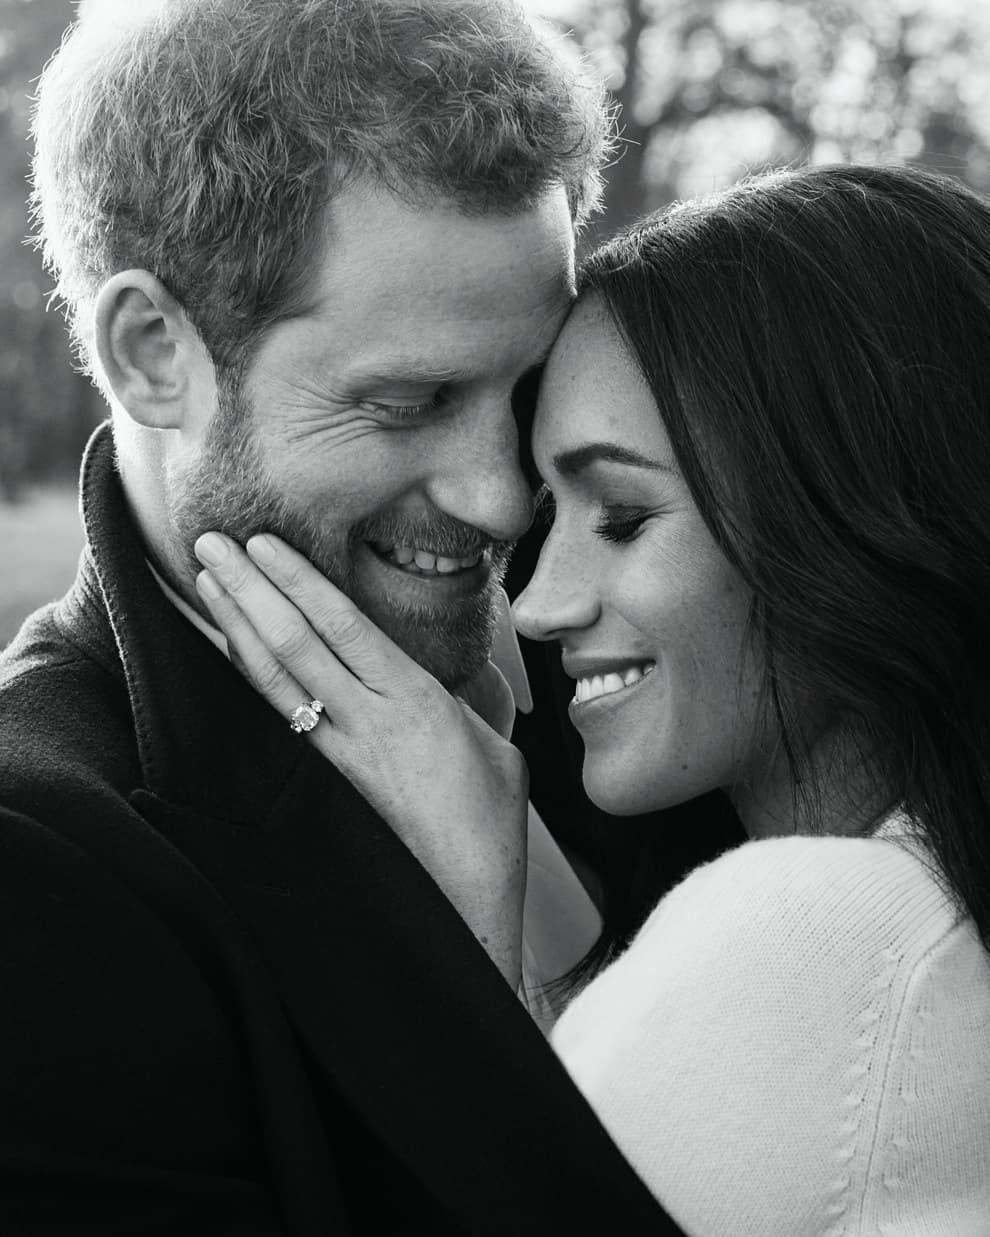 Сын Арчи повлиял на решение Меган Маркл и принца Гарри покинуть королевскую семью - фото №3